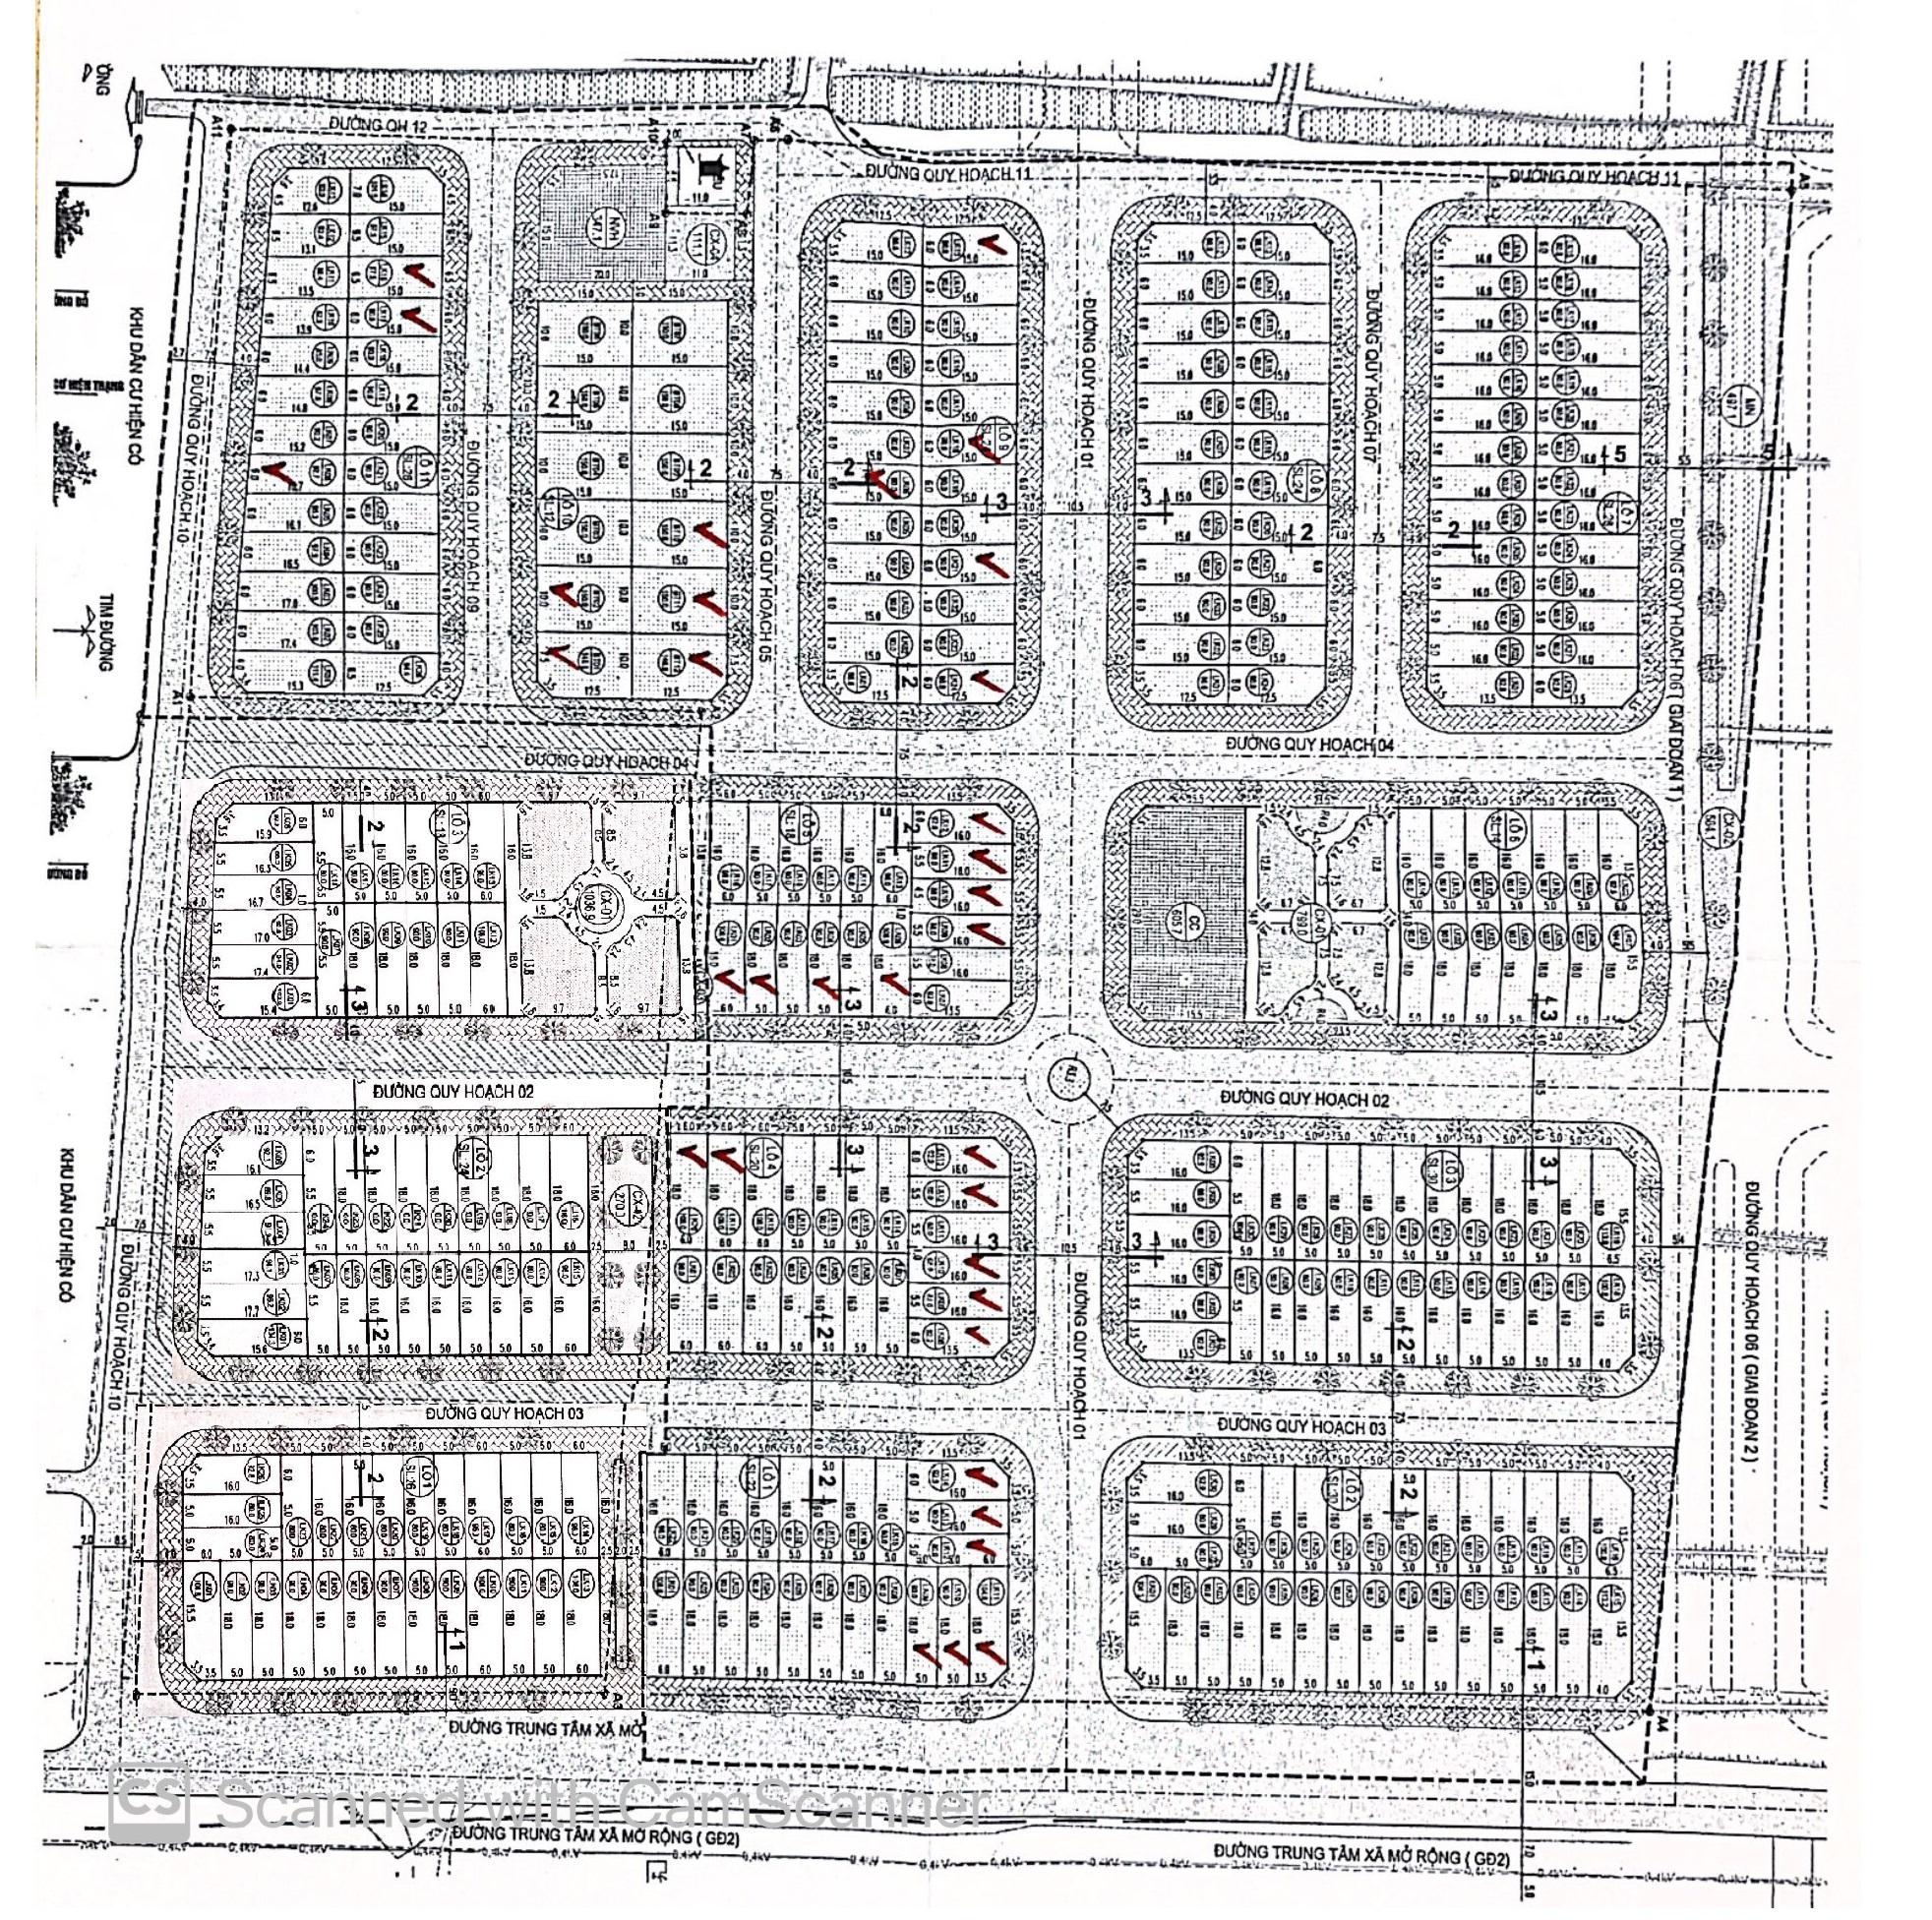 Đấu giá 175 suất đất làm nhà ở tại tỉnh Hưng Yên, giá khởi điểm 6,7 triệu đồng/m2  - Ảnh 1.